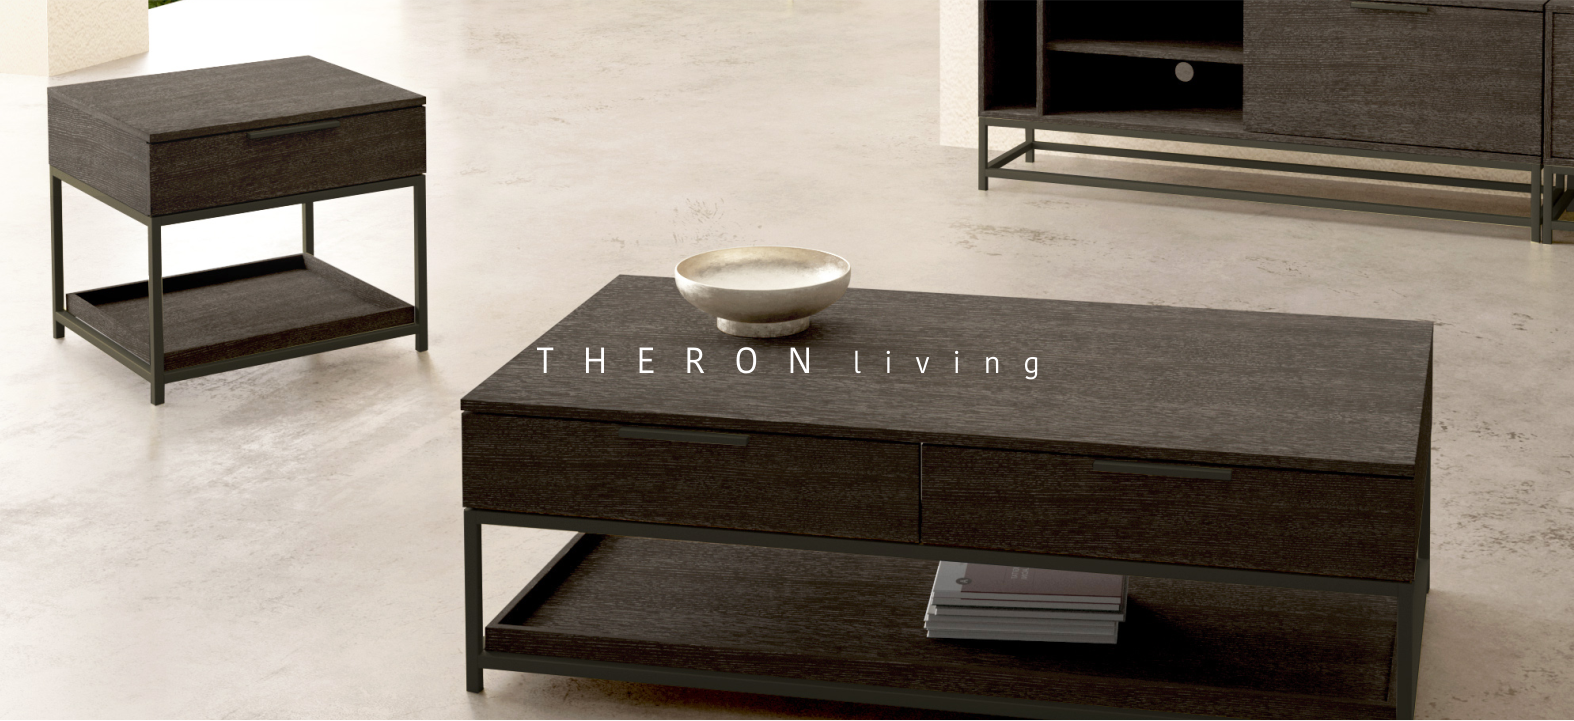 Theron Living